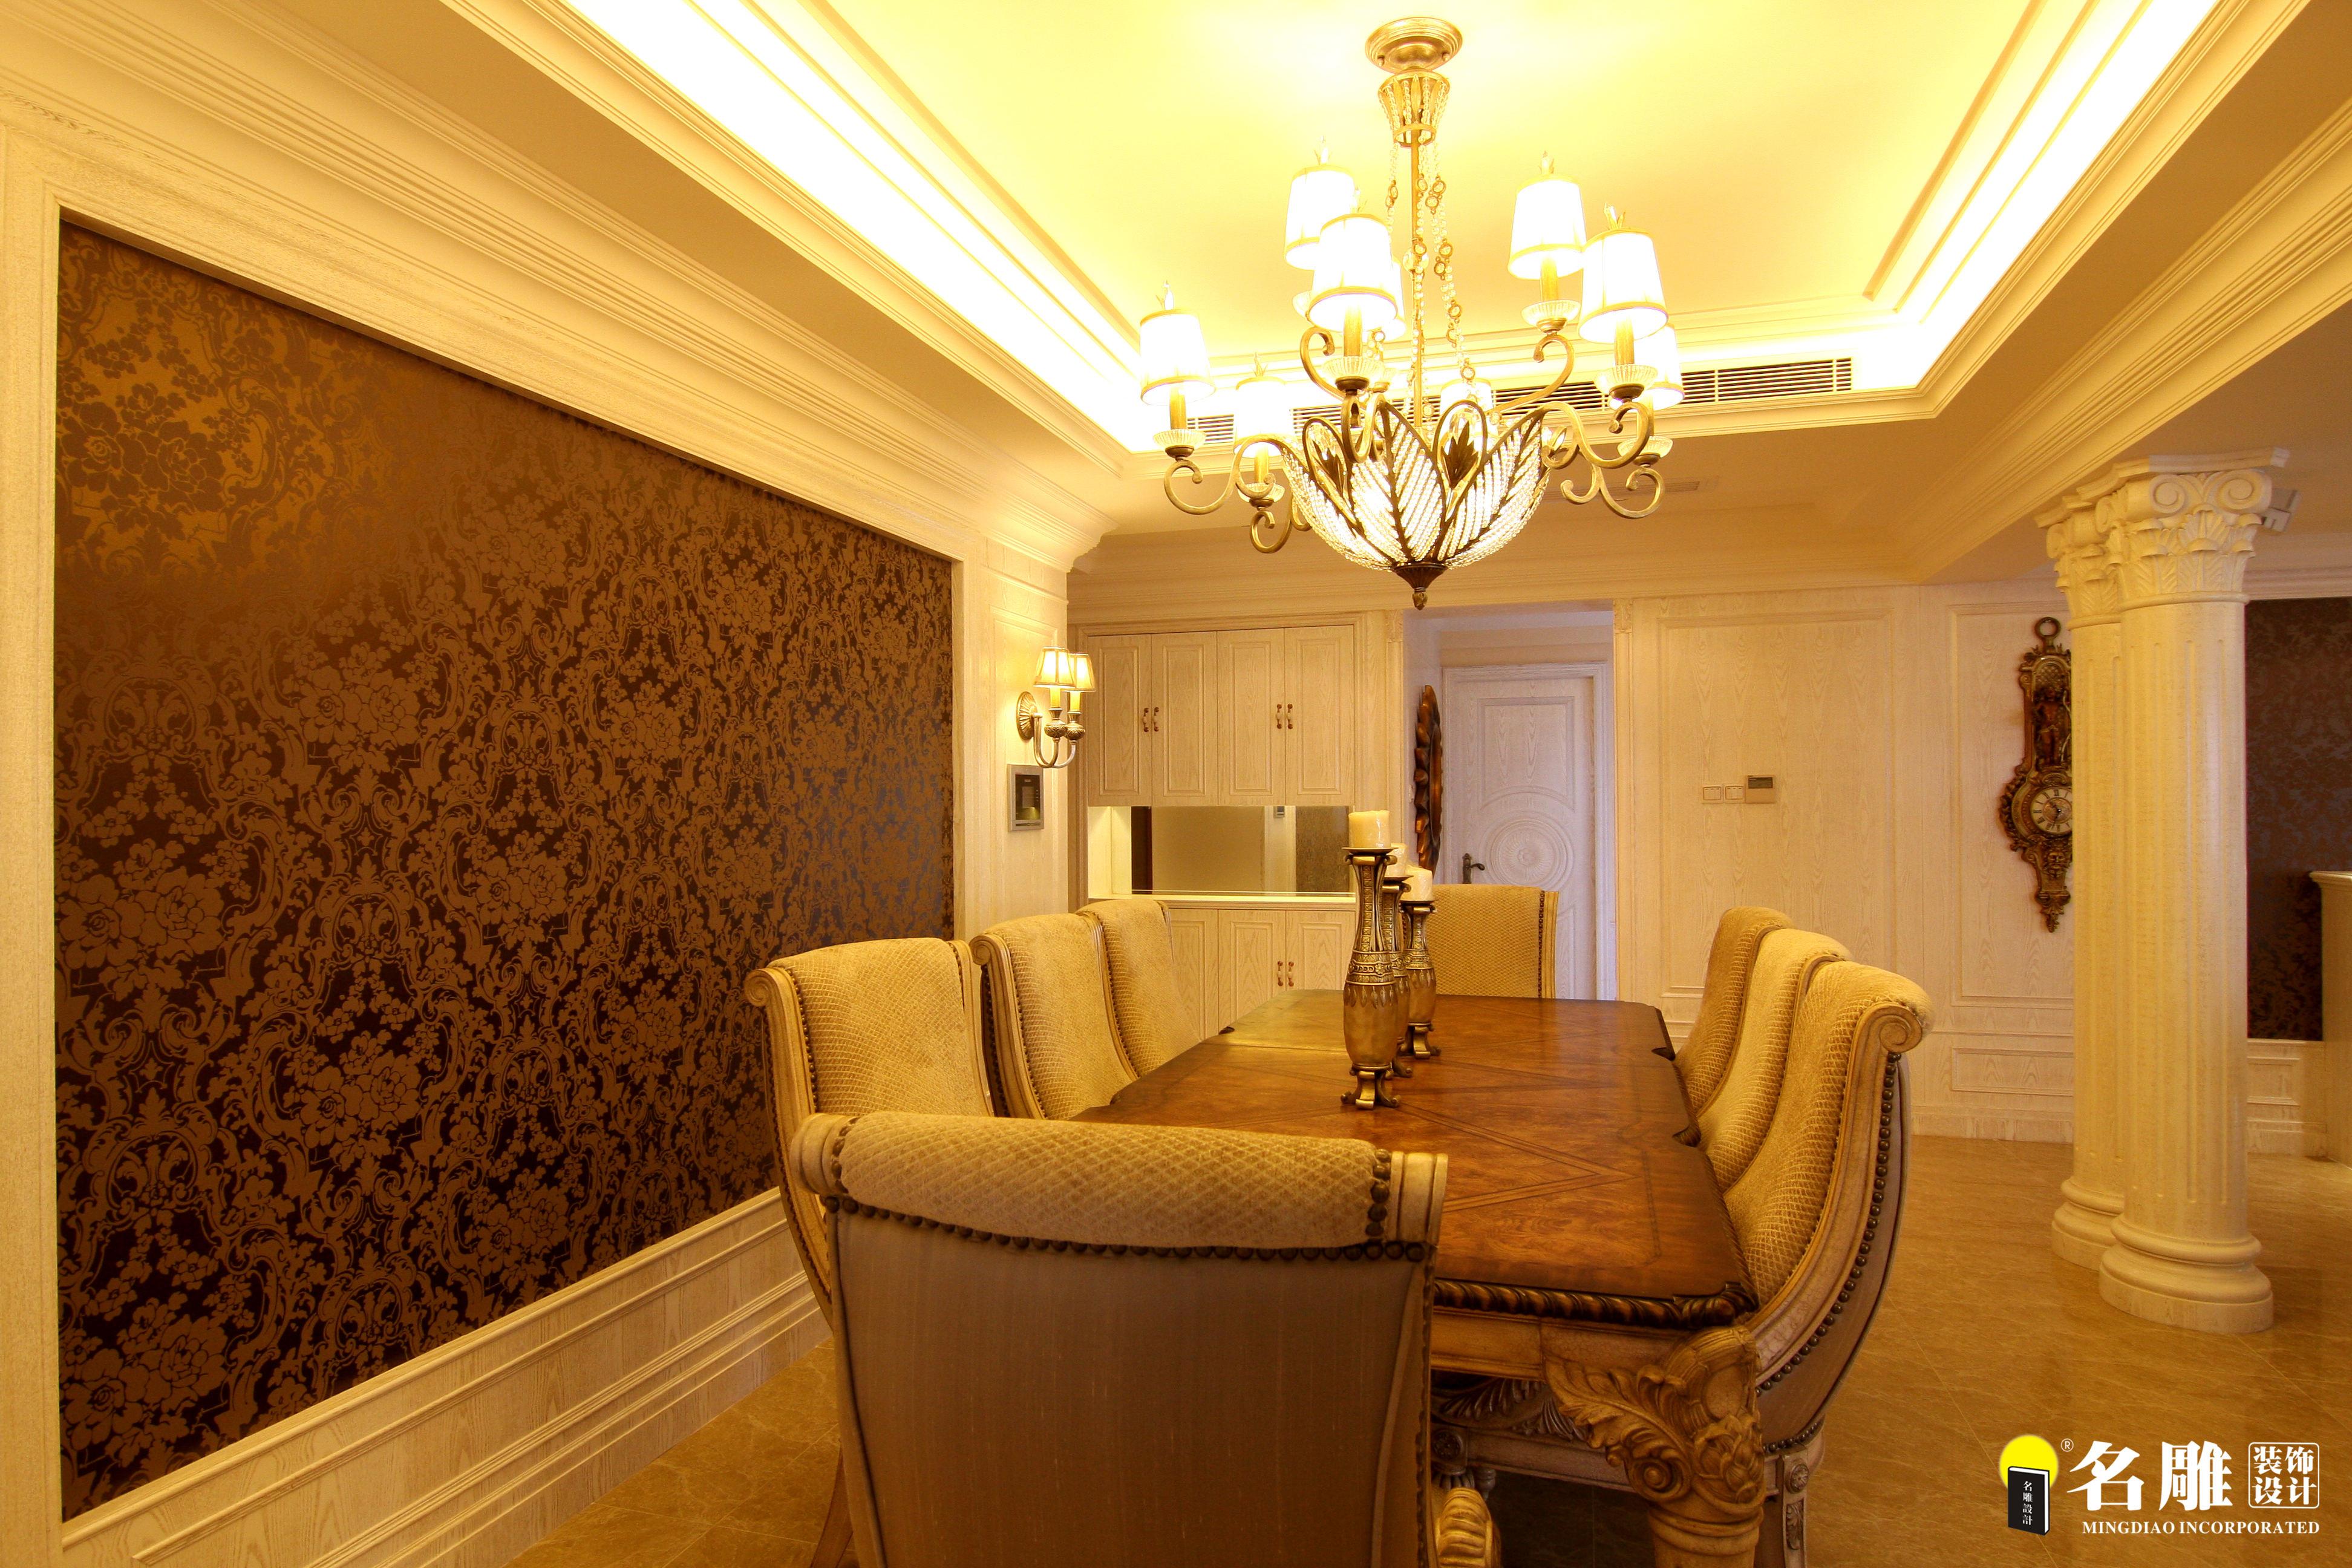 欧式 三居 高富帅 中信红树湾 名雕装饰 白富美 奢华家居 餐厅图片来自名雕装饰邓工在欧式风格-160平三居室奢华家装的分享